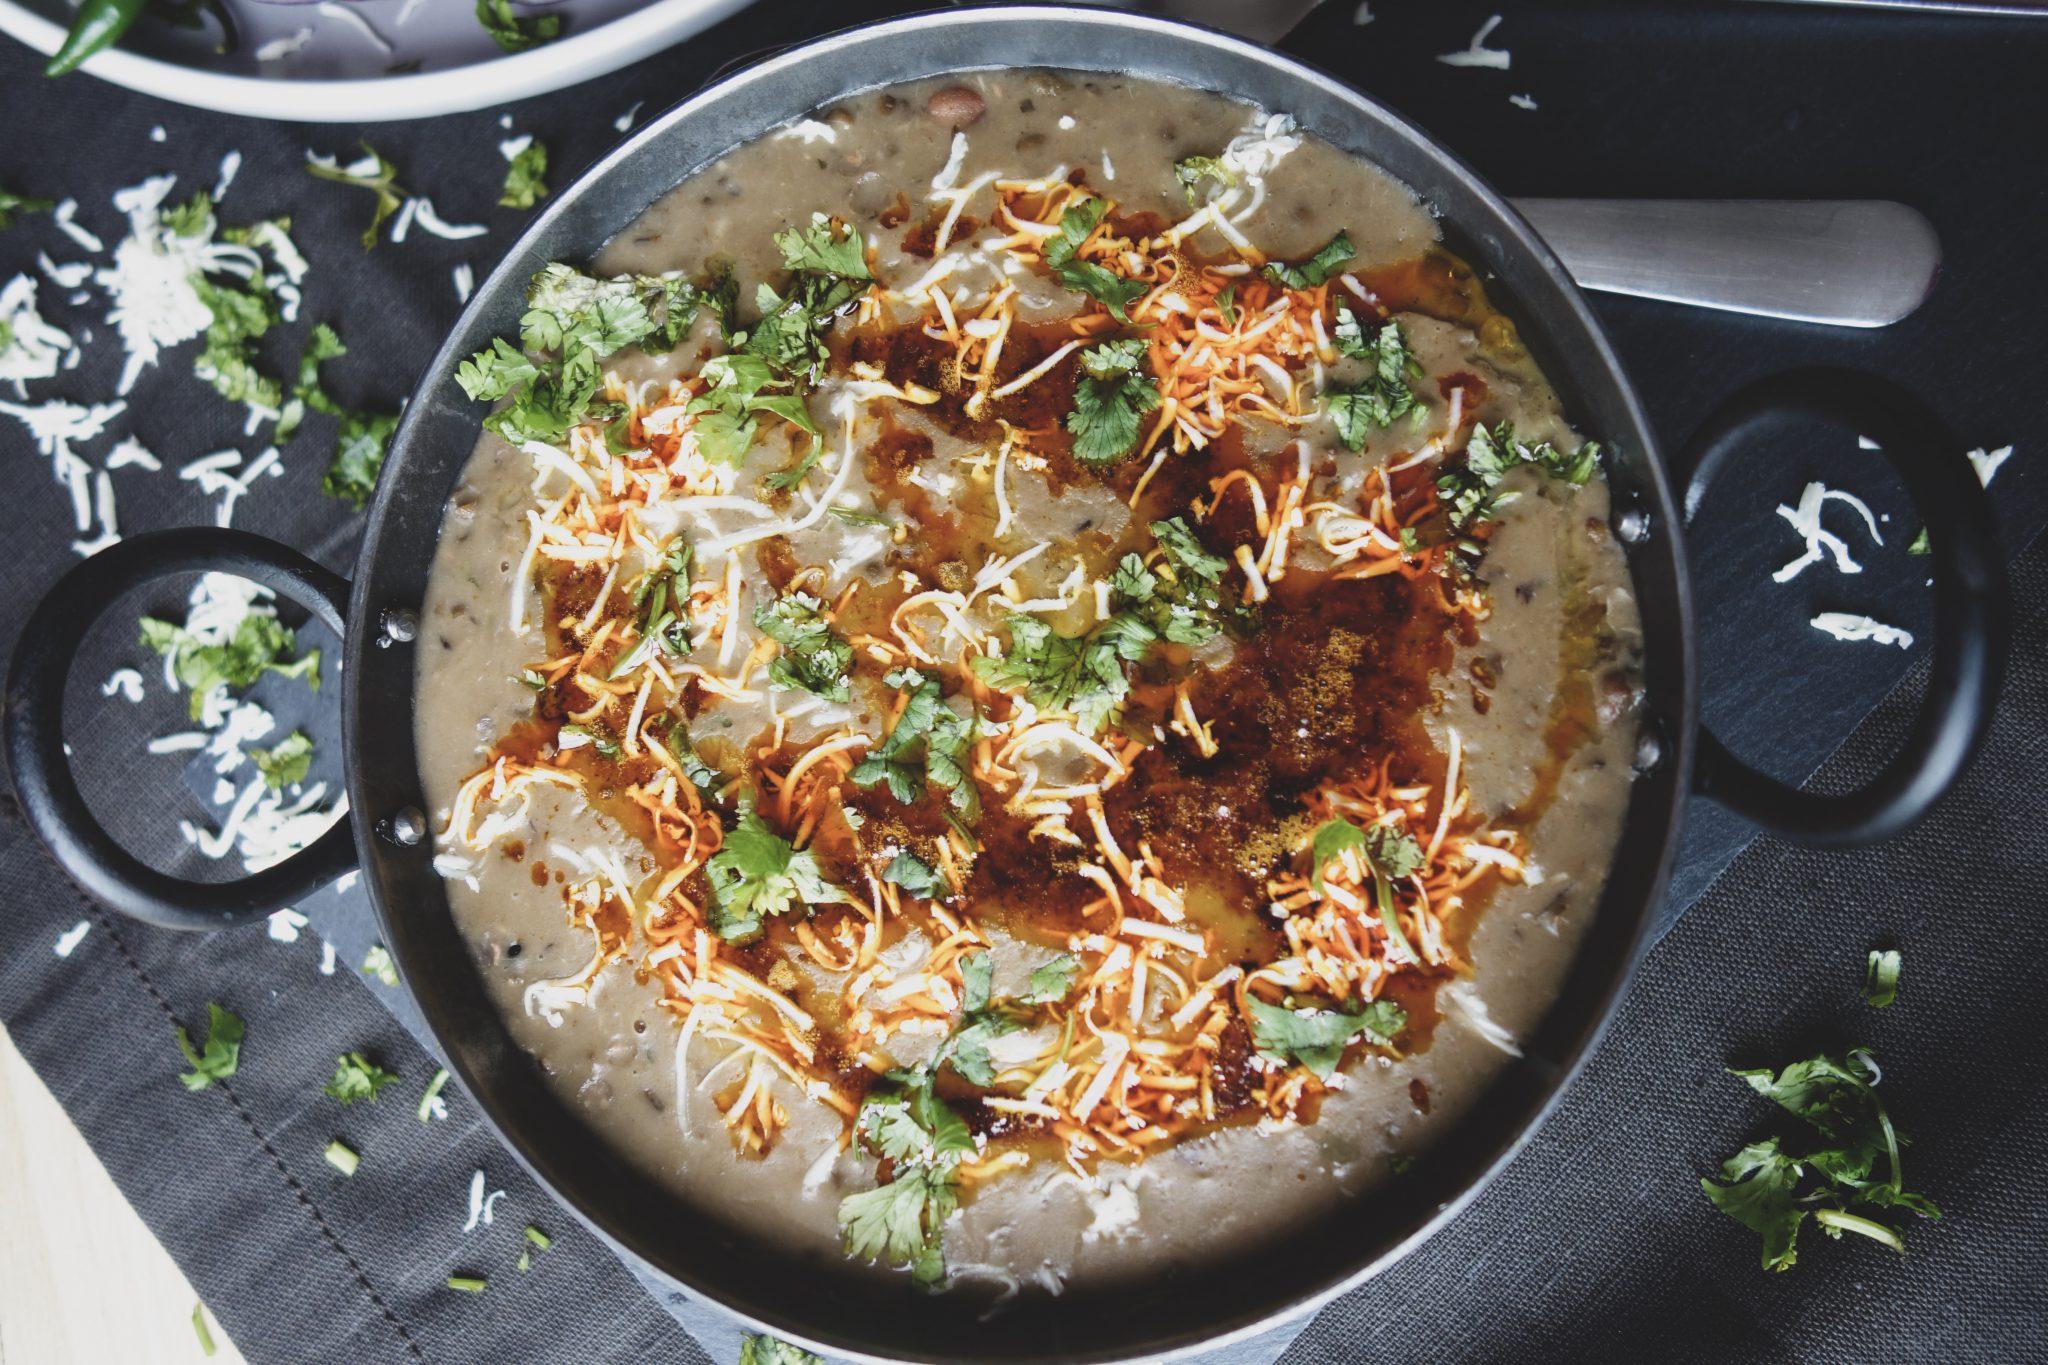 Maa Rajma daal recipe